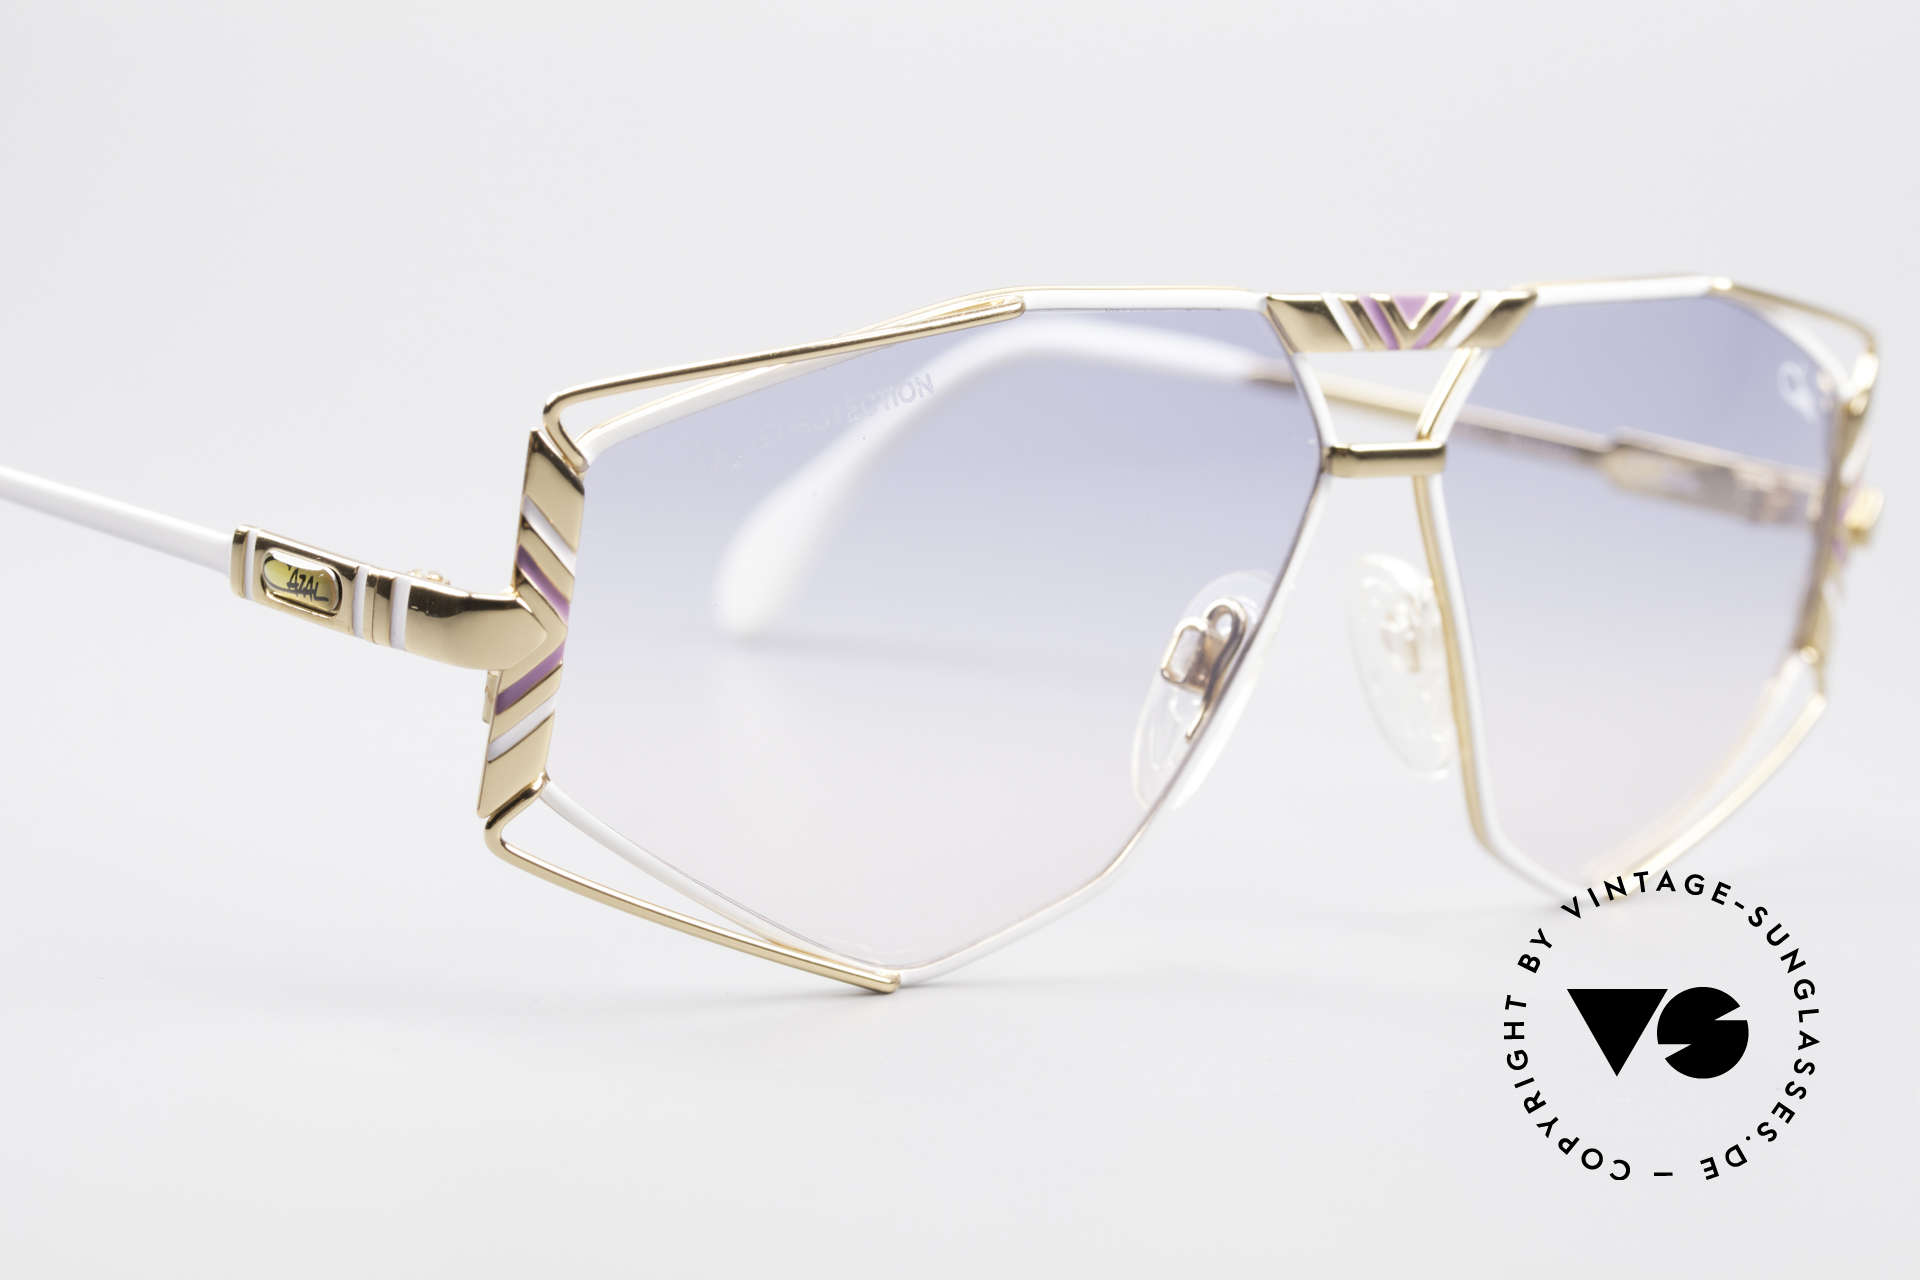 Cazal 956 Cari Zalloni Sonnenbrille, KEINE RETROBRILLE, sondern ein altes ORIGINAL, Passend für Herren und Damen